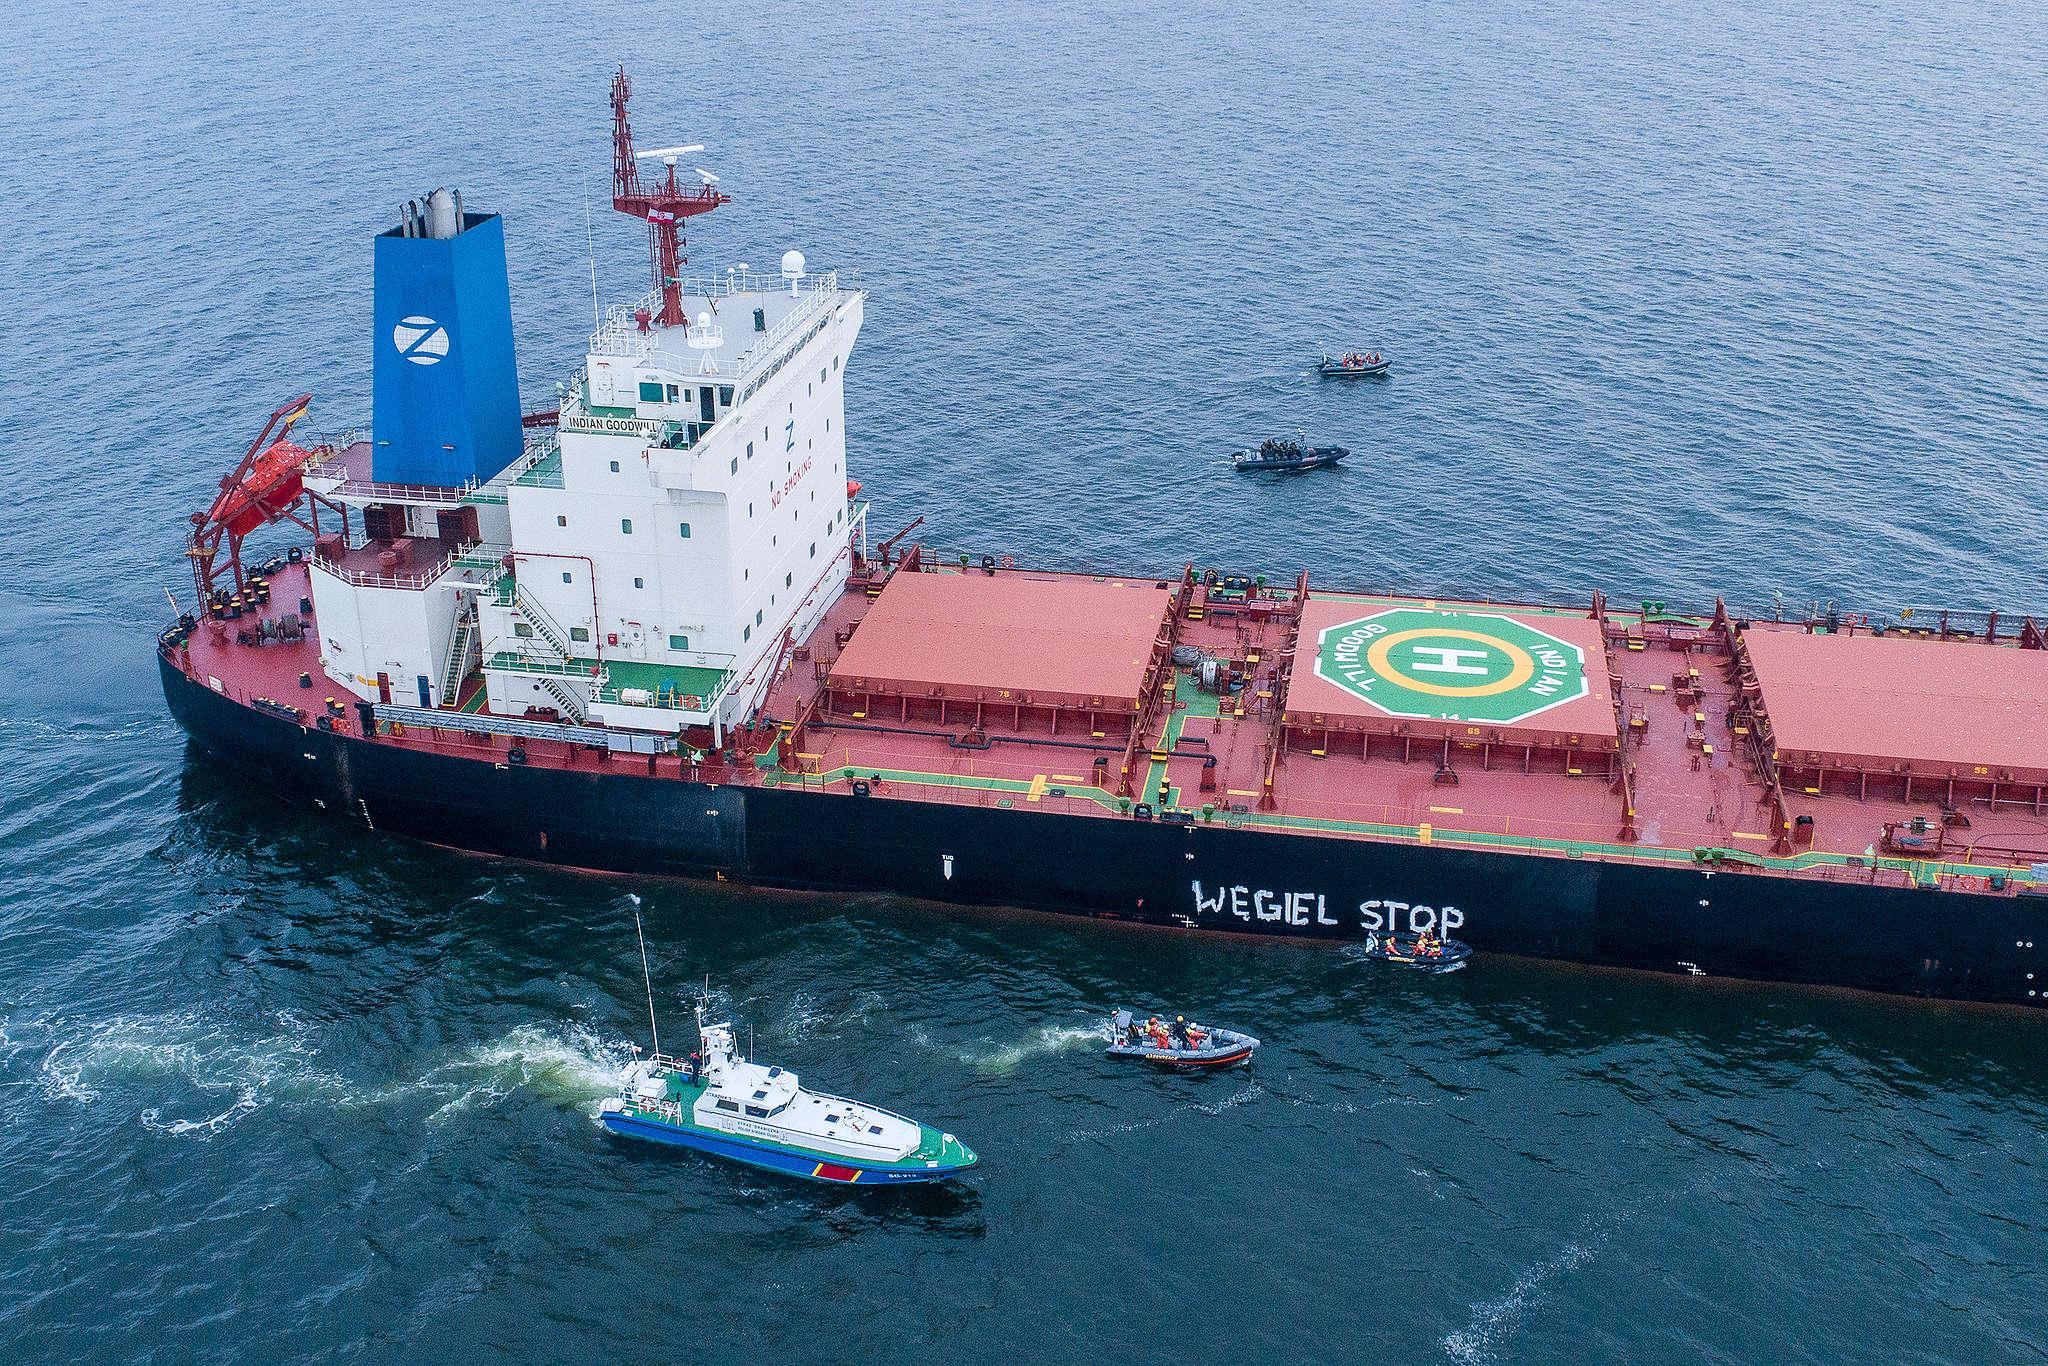 Węgiel stop - blokada statku z węglem importowany